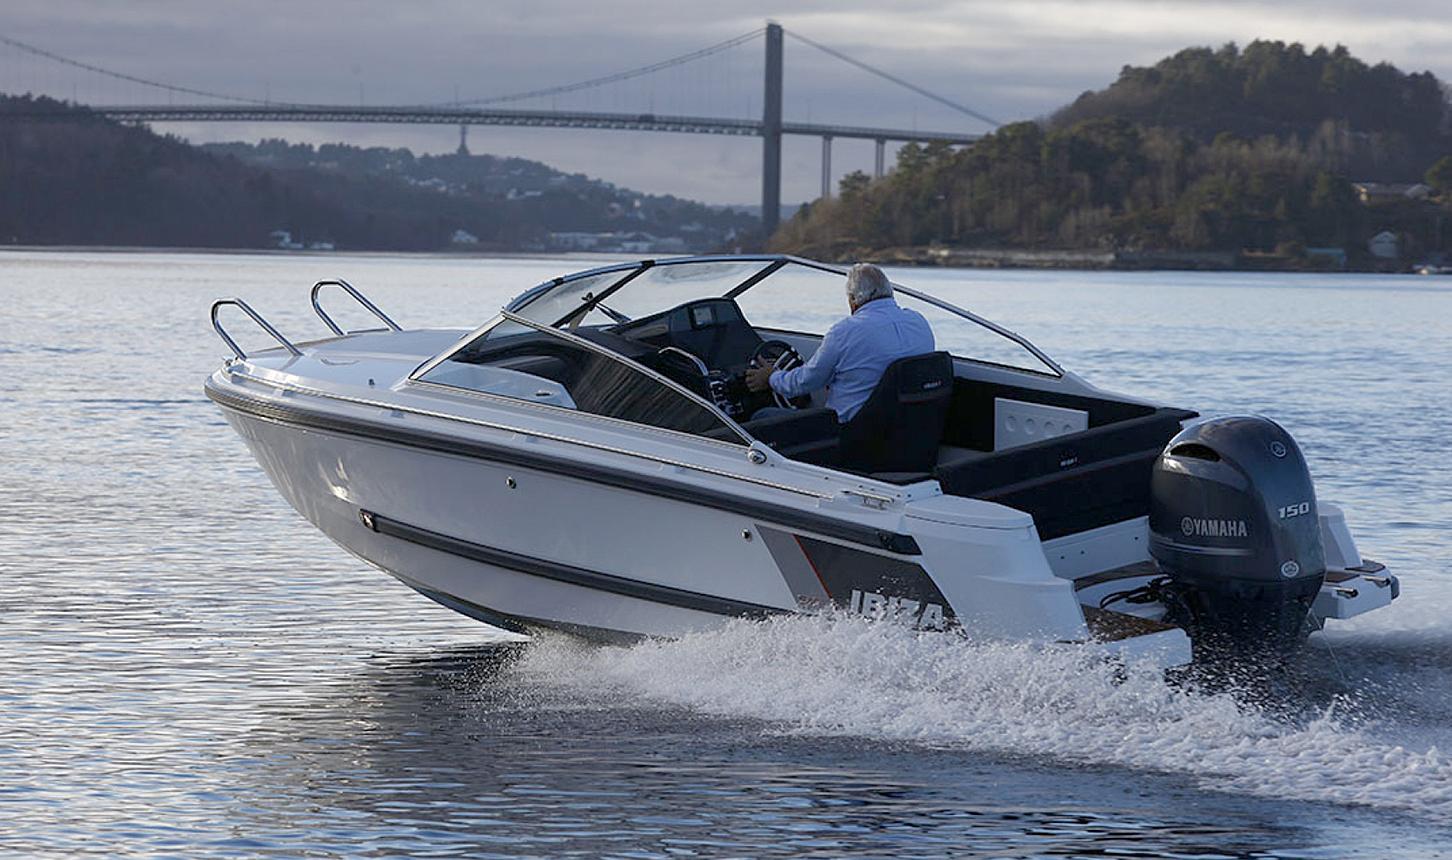 IBIZA 640 TOURING: Helge Duus Ved Ibiza Boats Demonstrerer Nye Ibiza 640 Touring I Galtesund I Arendal. Foto: Ibiza Boats